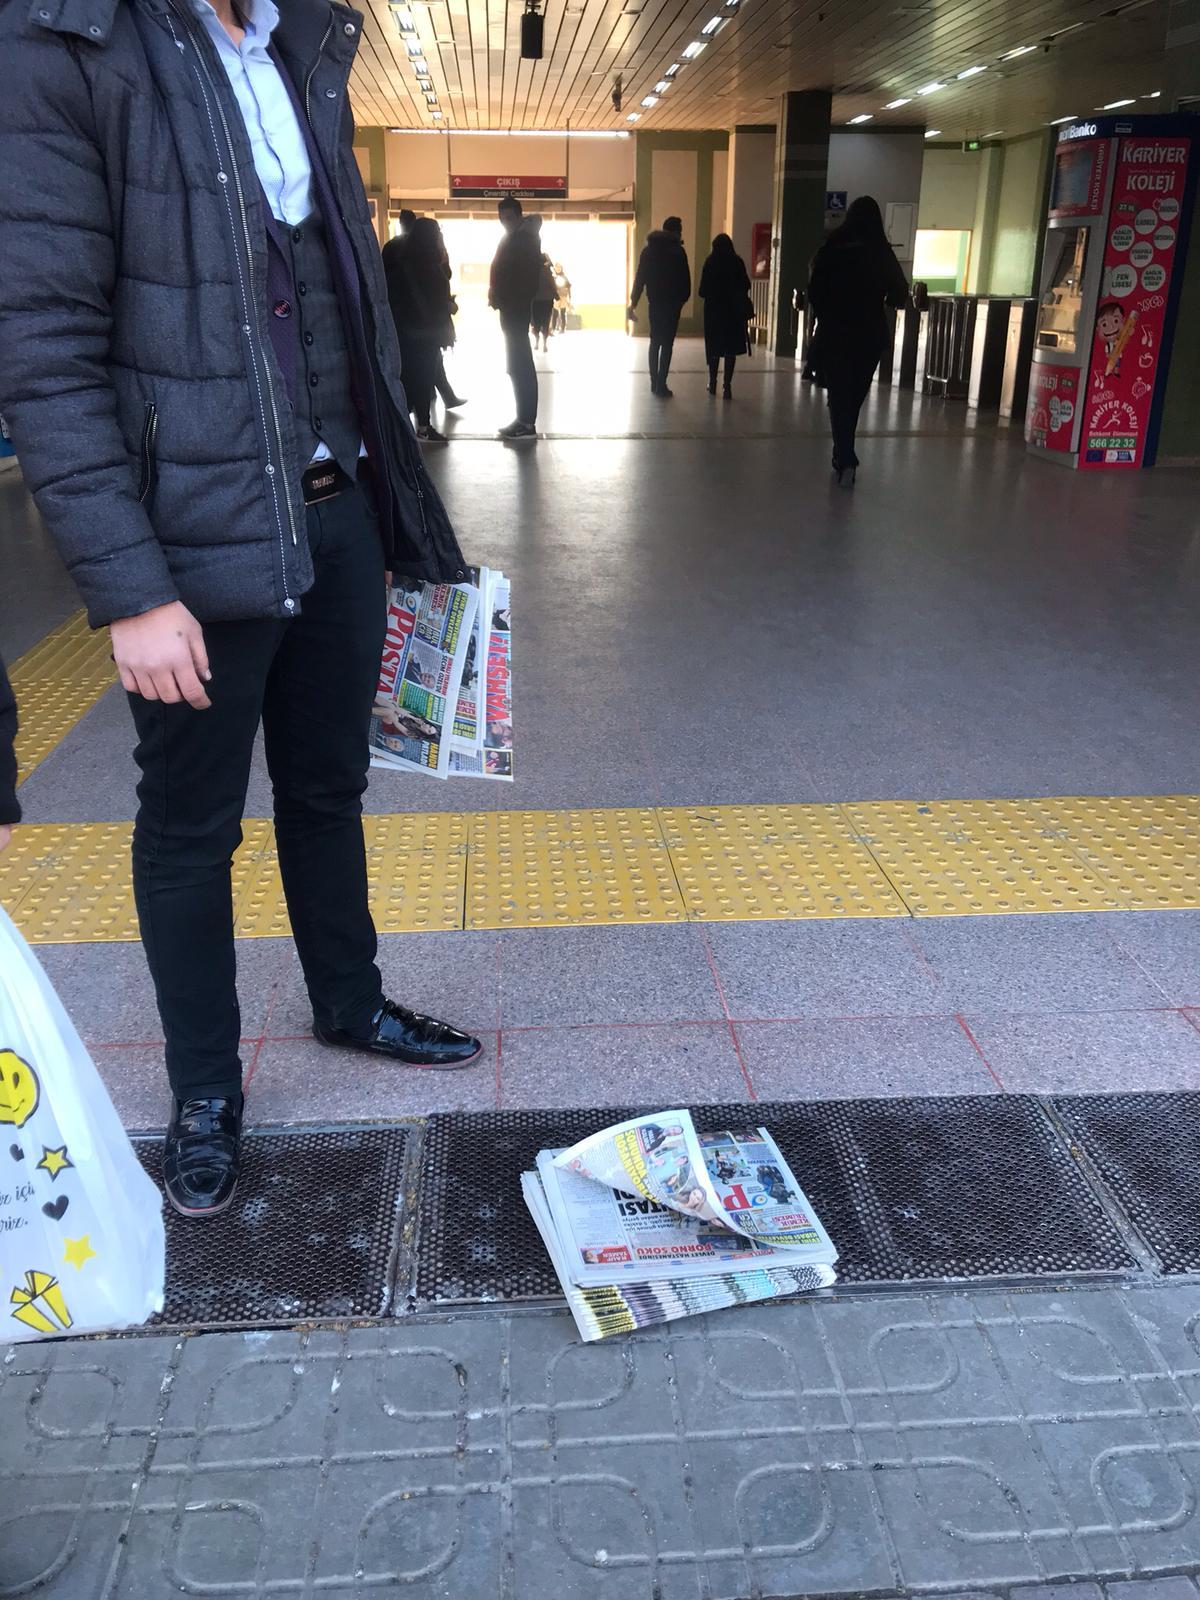 Demirören gazeteyi bedava dağıtıyor, yüzüne bakan yok! 1